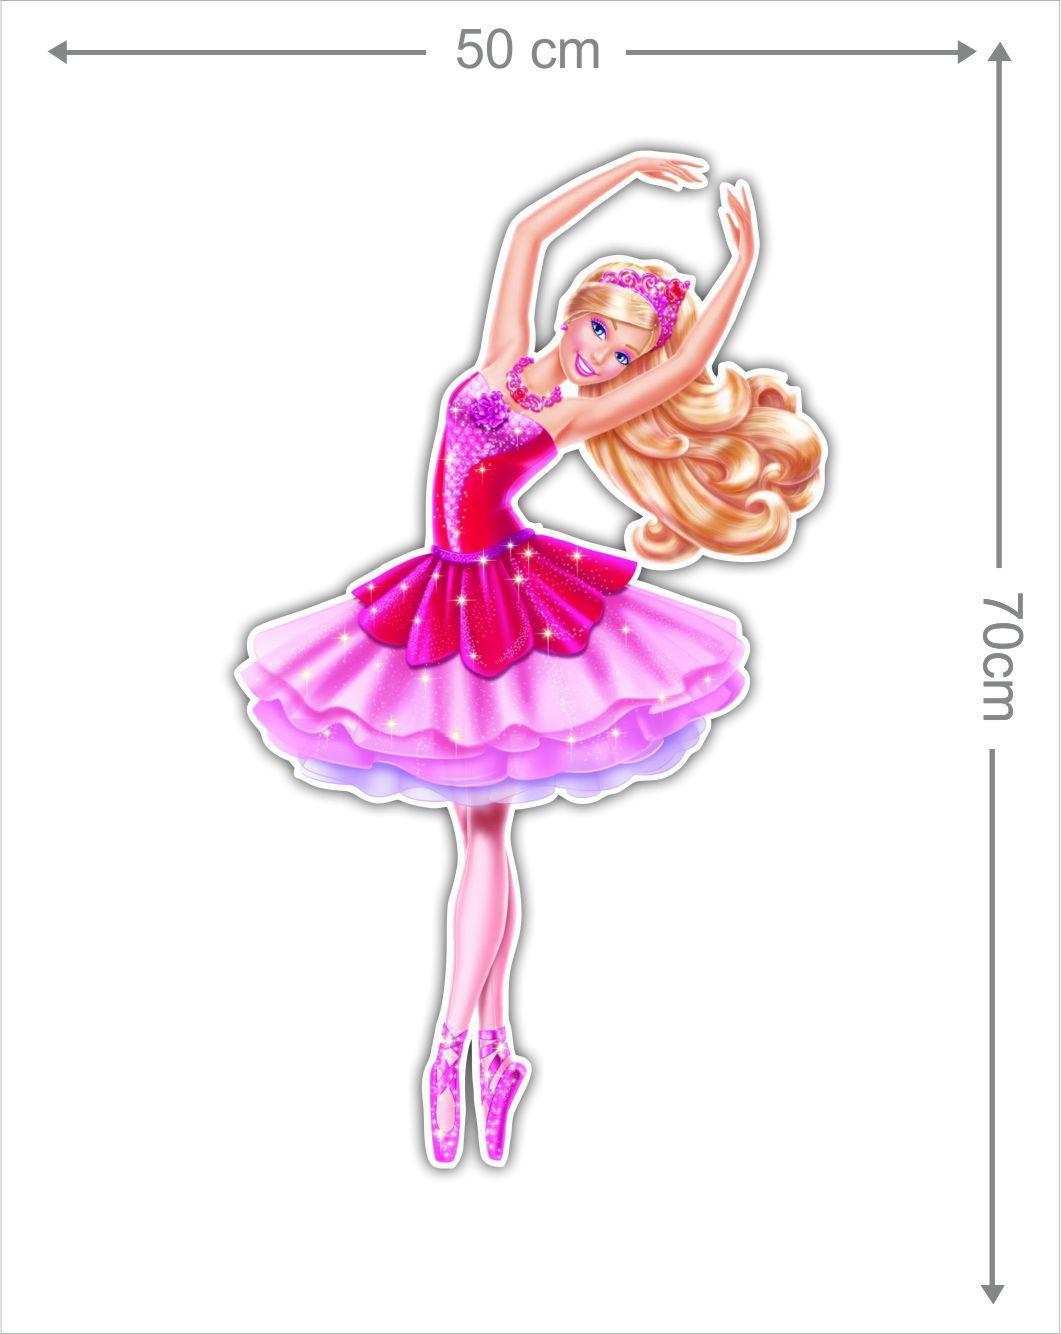 Adesivo Decorativo Barbie 0003  - Paredes Decoradas